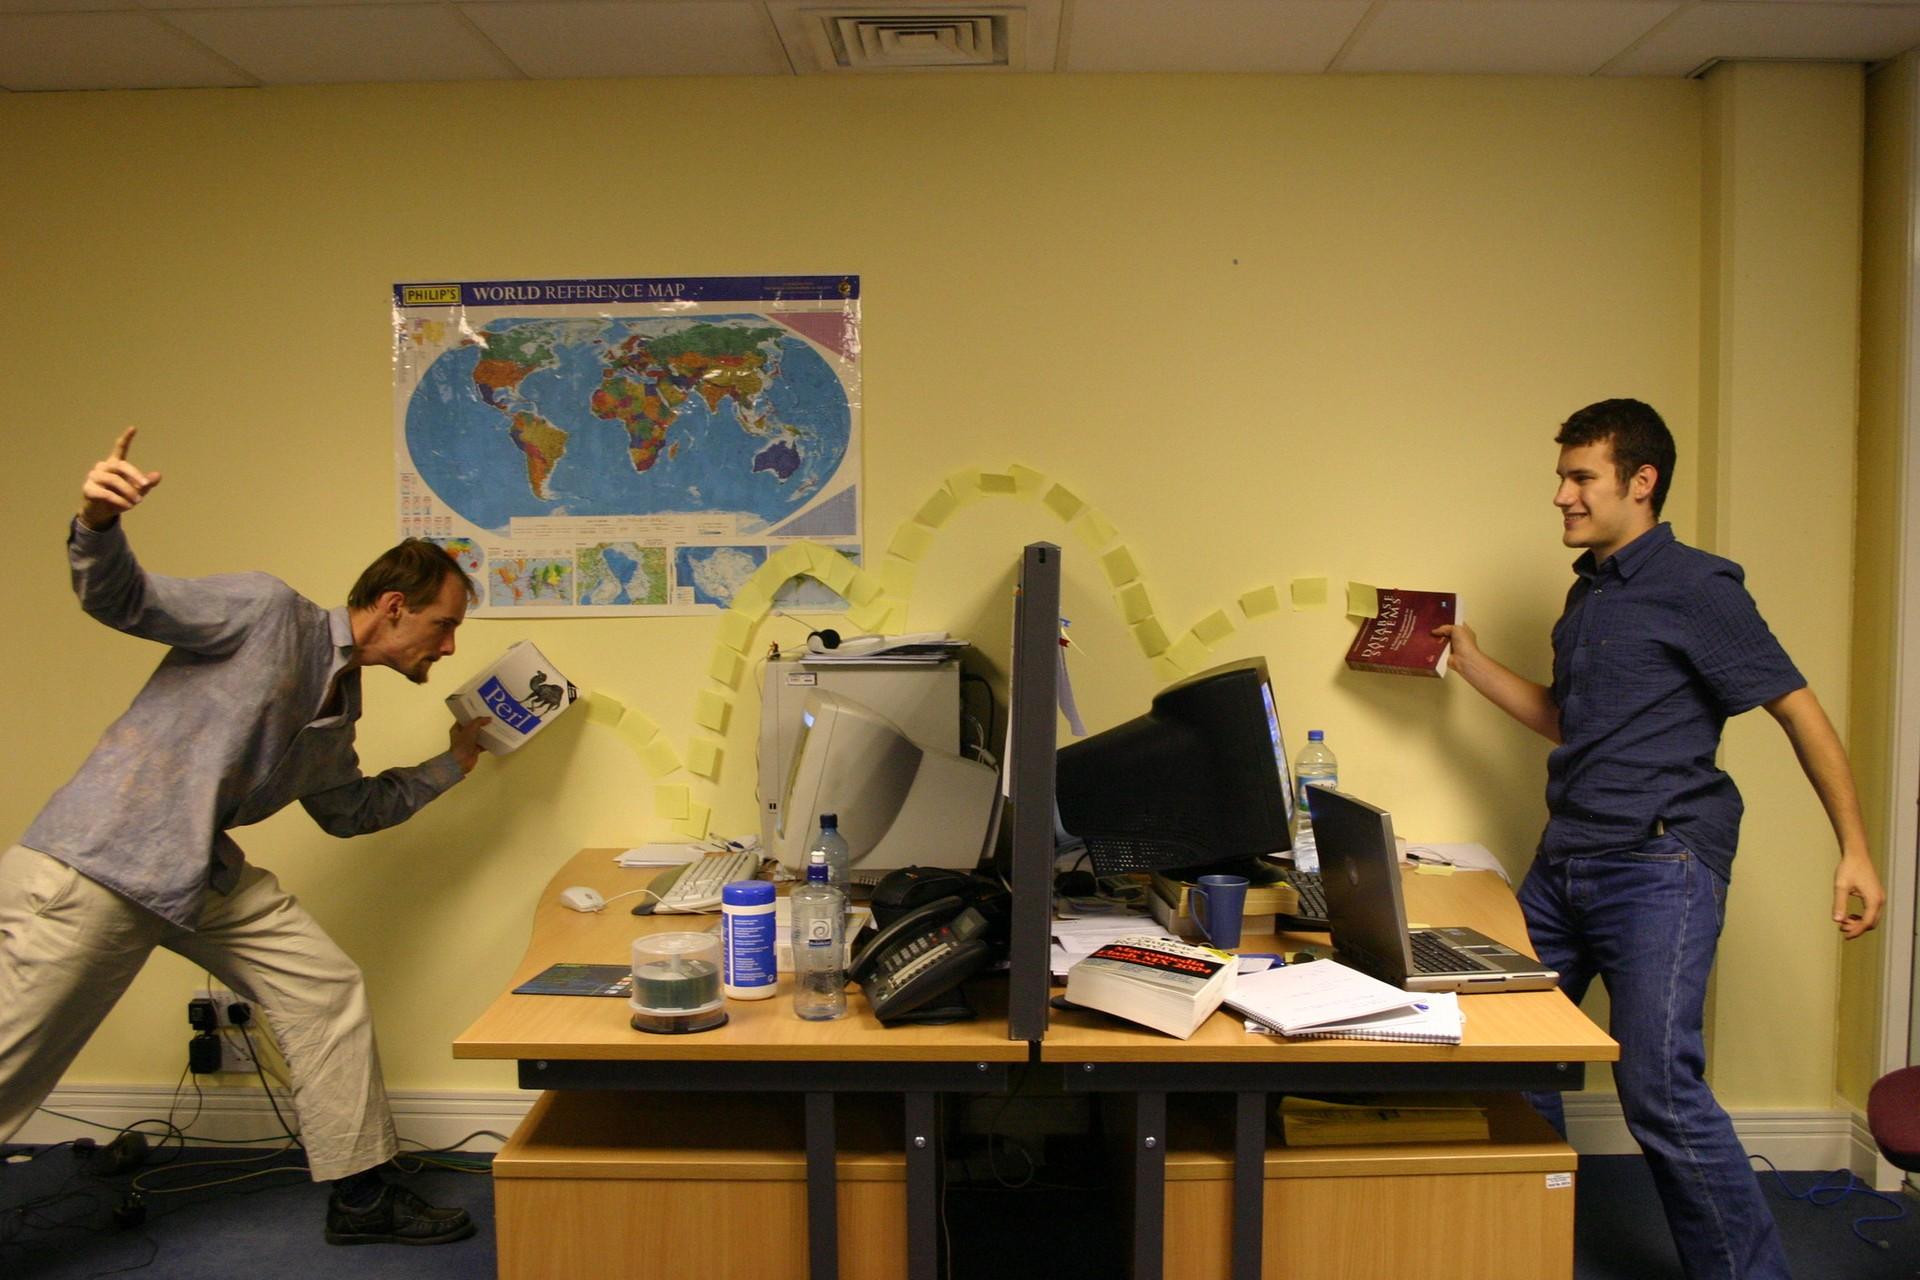 Картинки, смешные картинки в офисе